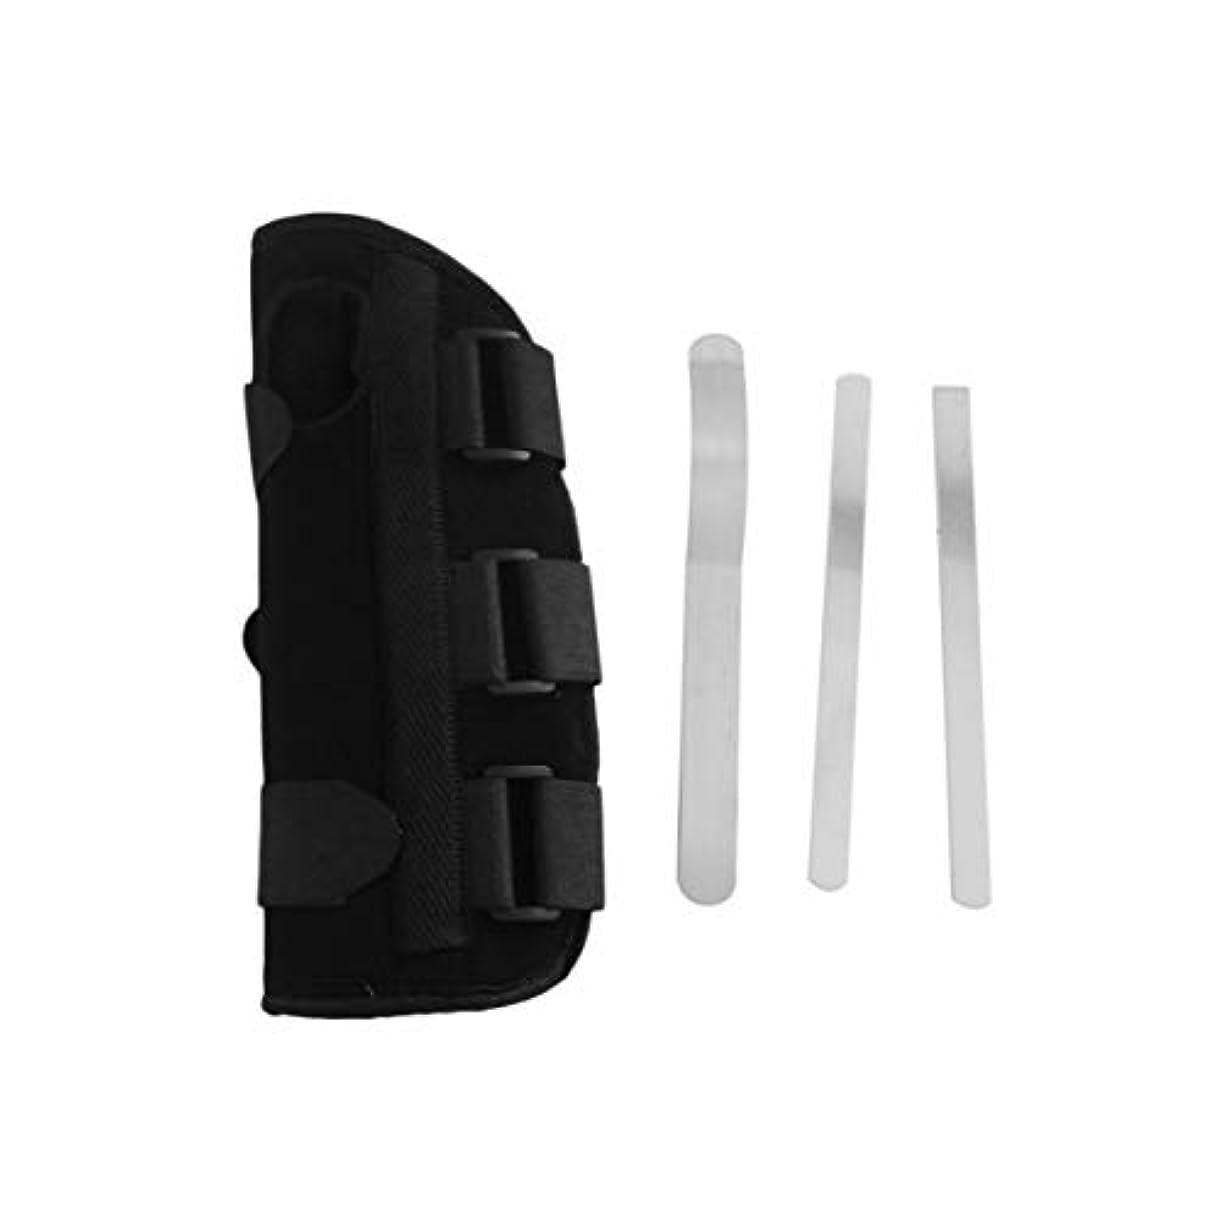 脅迫シャイ息苦しい手首副木ブレース保護サポートストラップカルペルトンネルCTS RSI痛み軽減取り外し可能な副木快適な軽量ストラップ - ブラックS